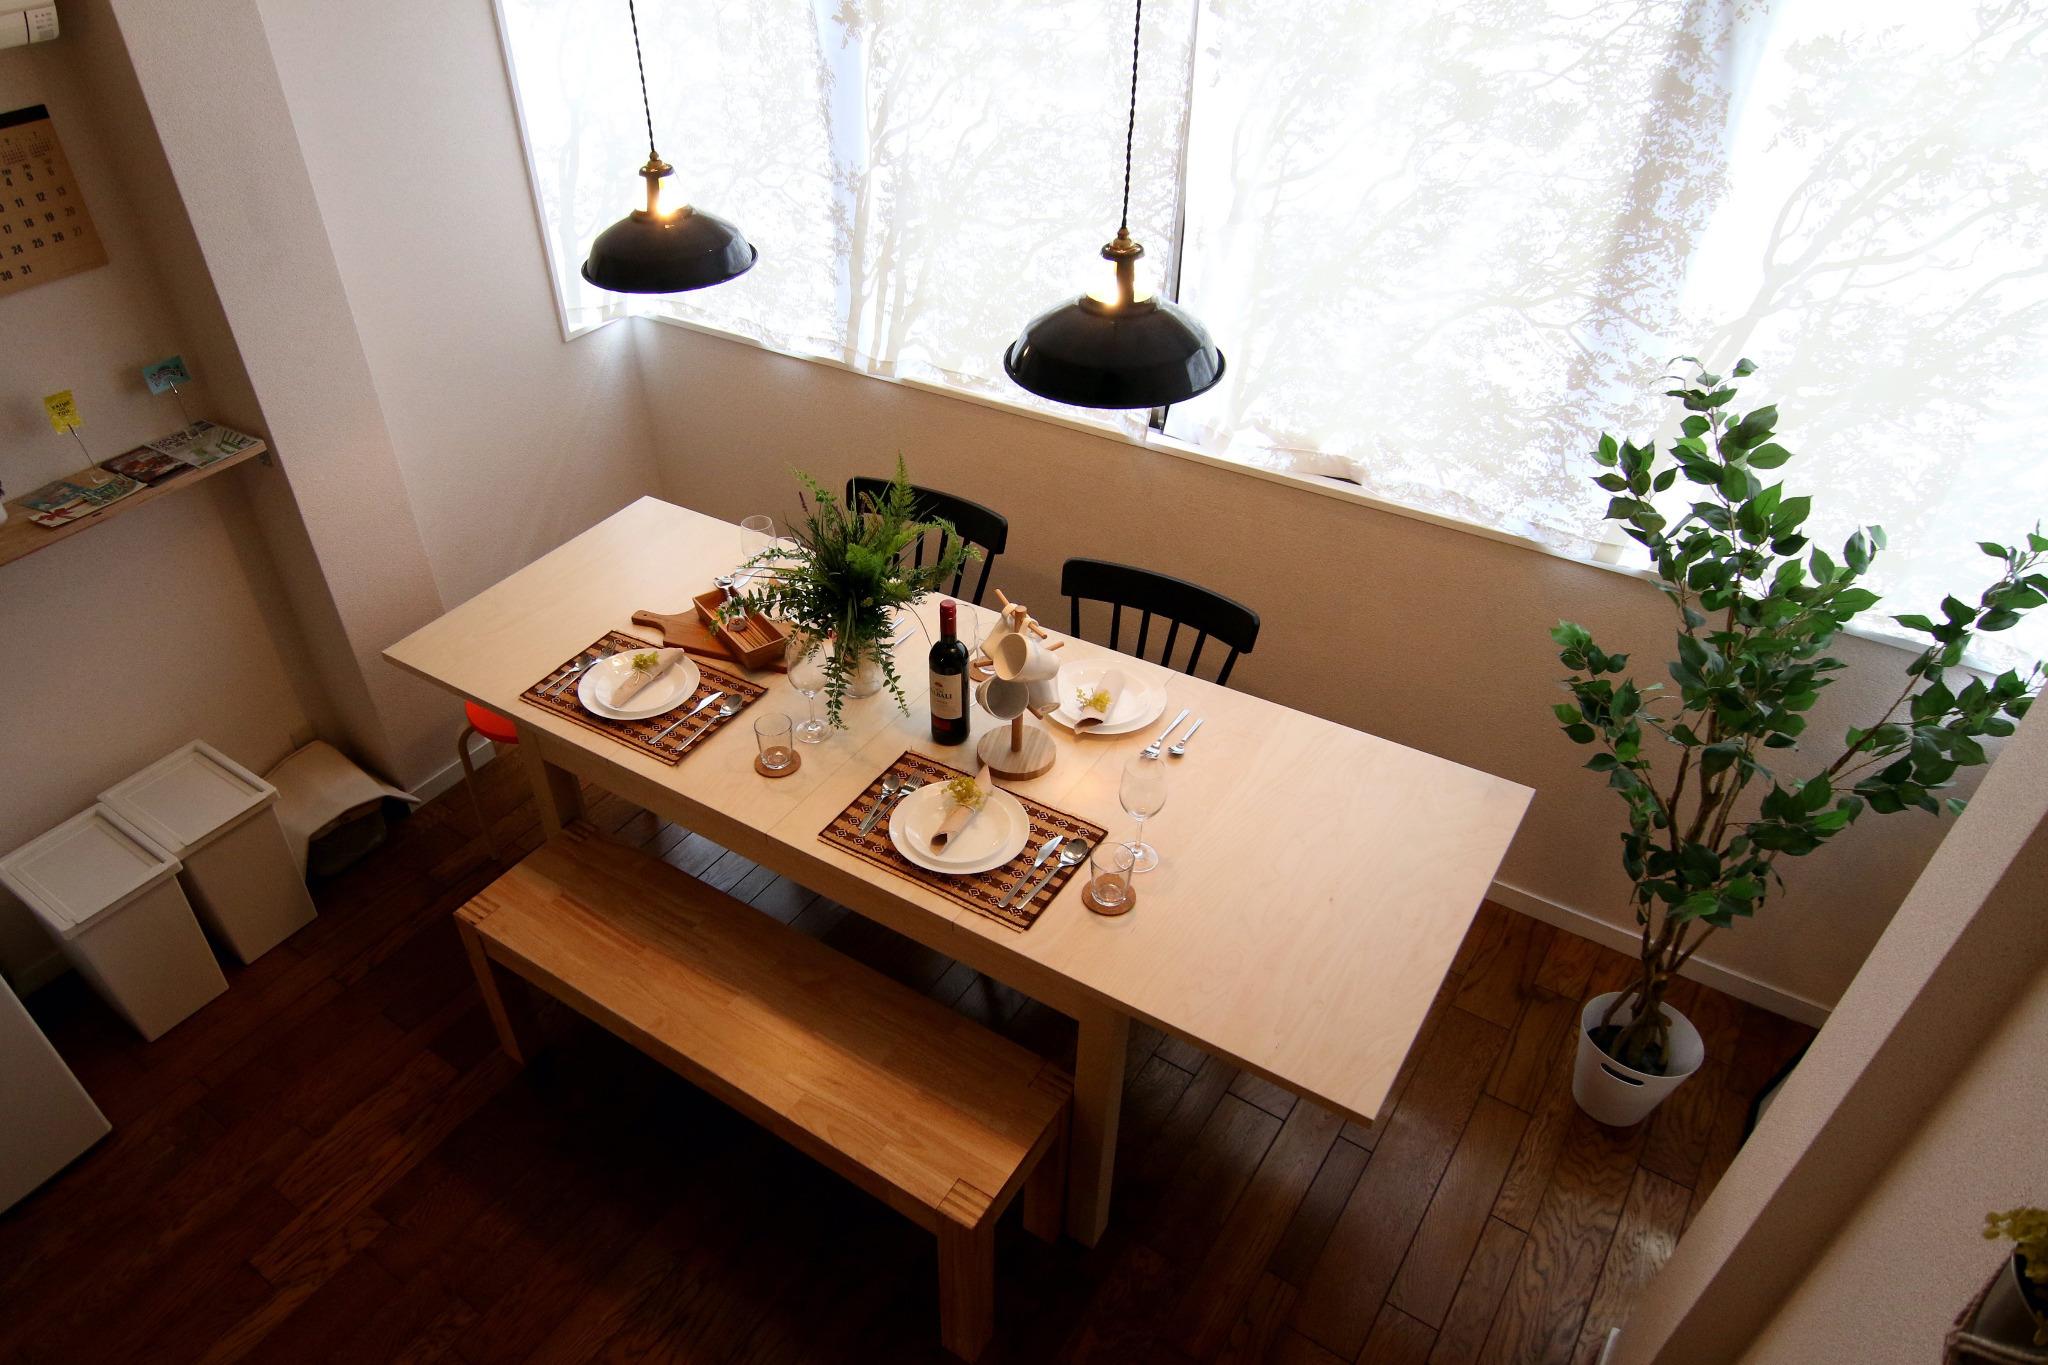 伸縮式のテーブルで大人数でのご使用も可能です。